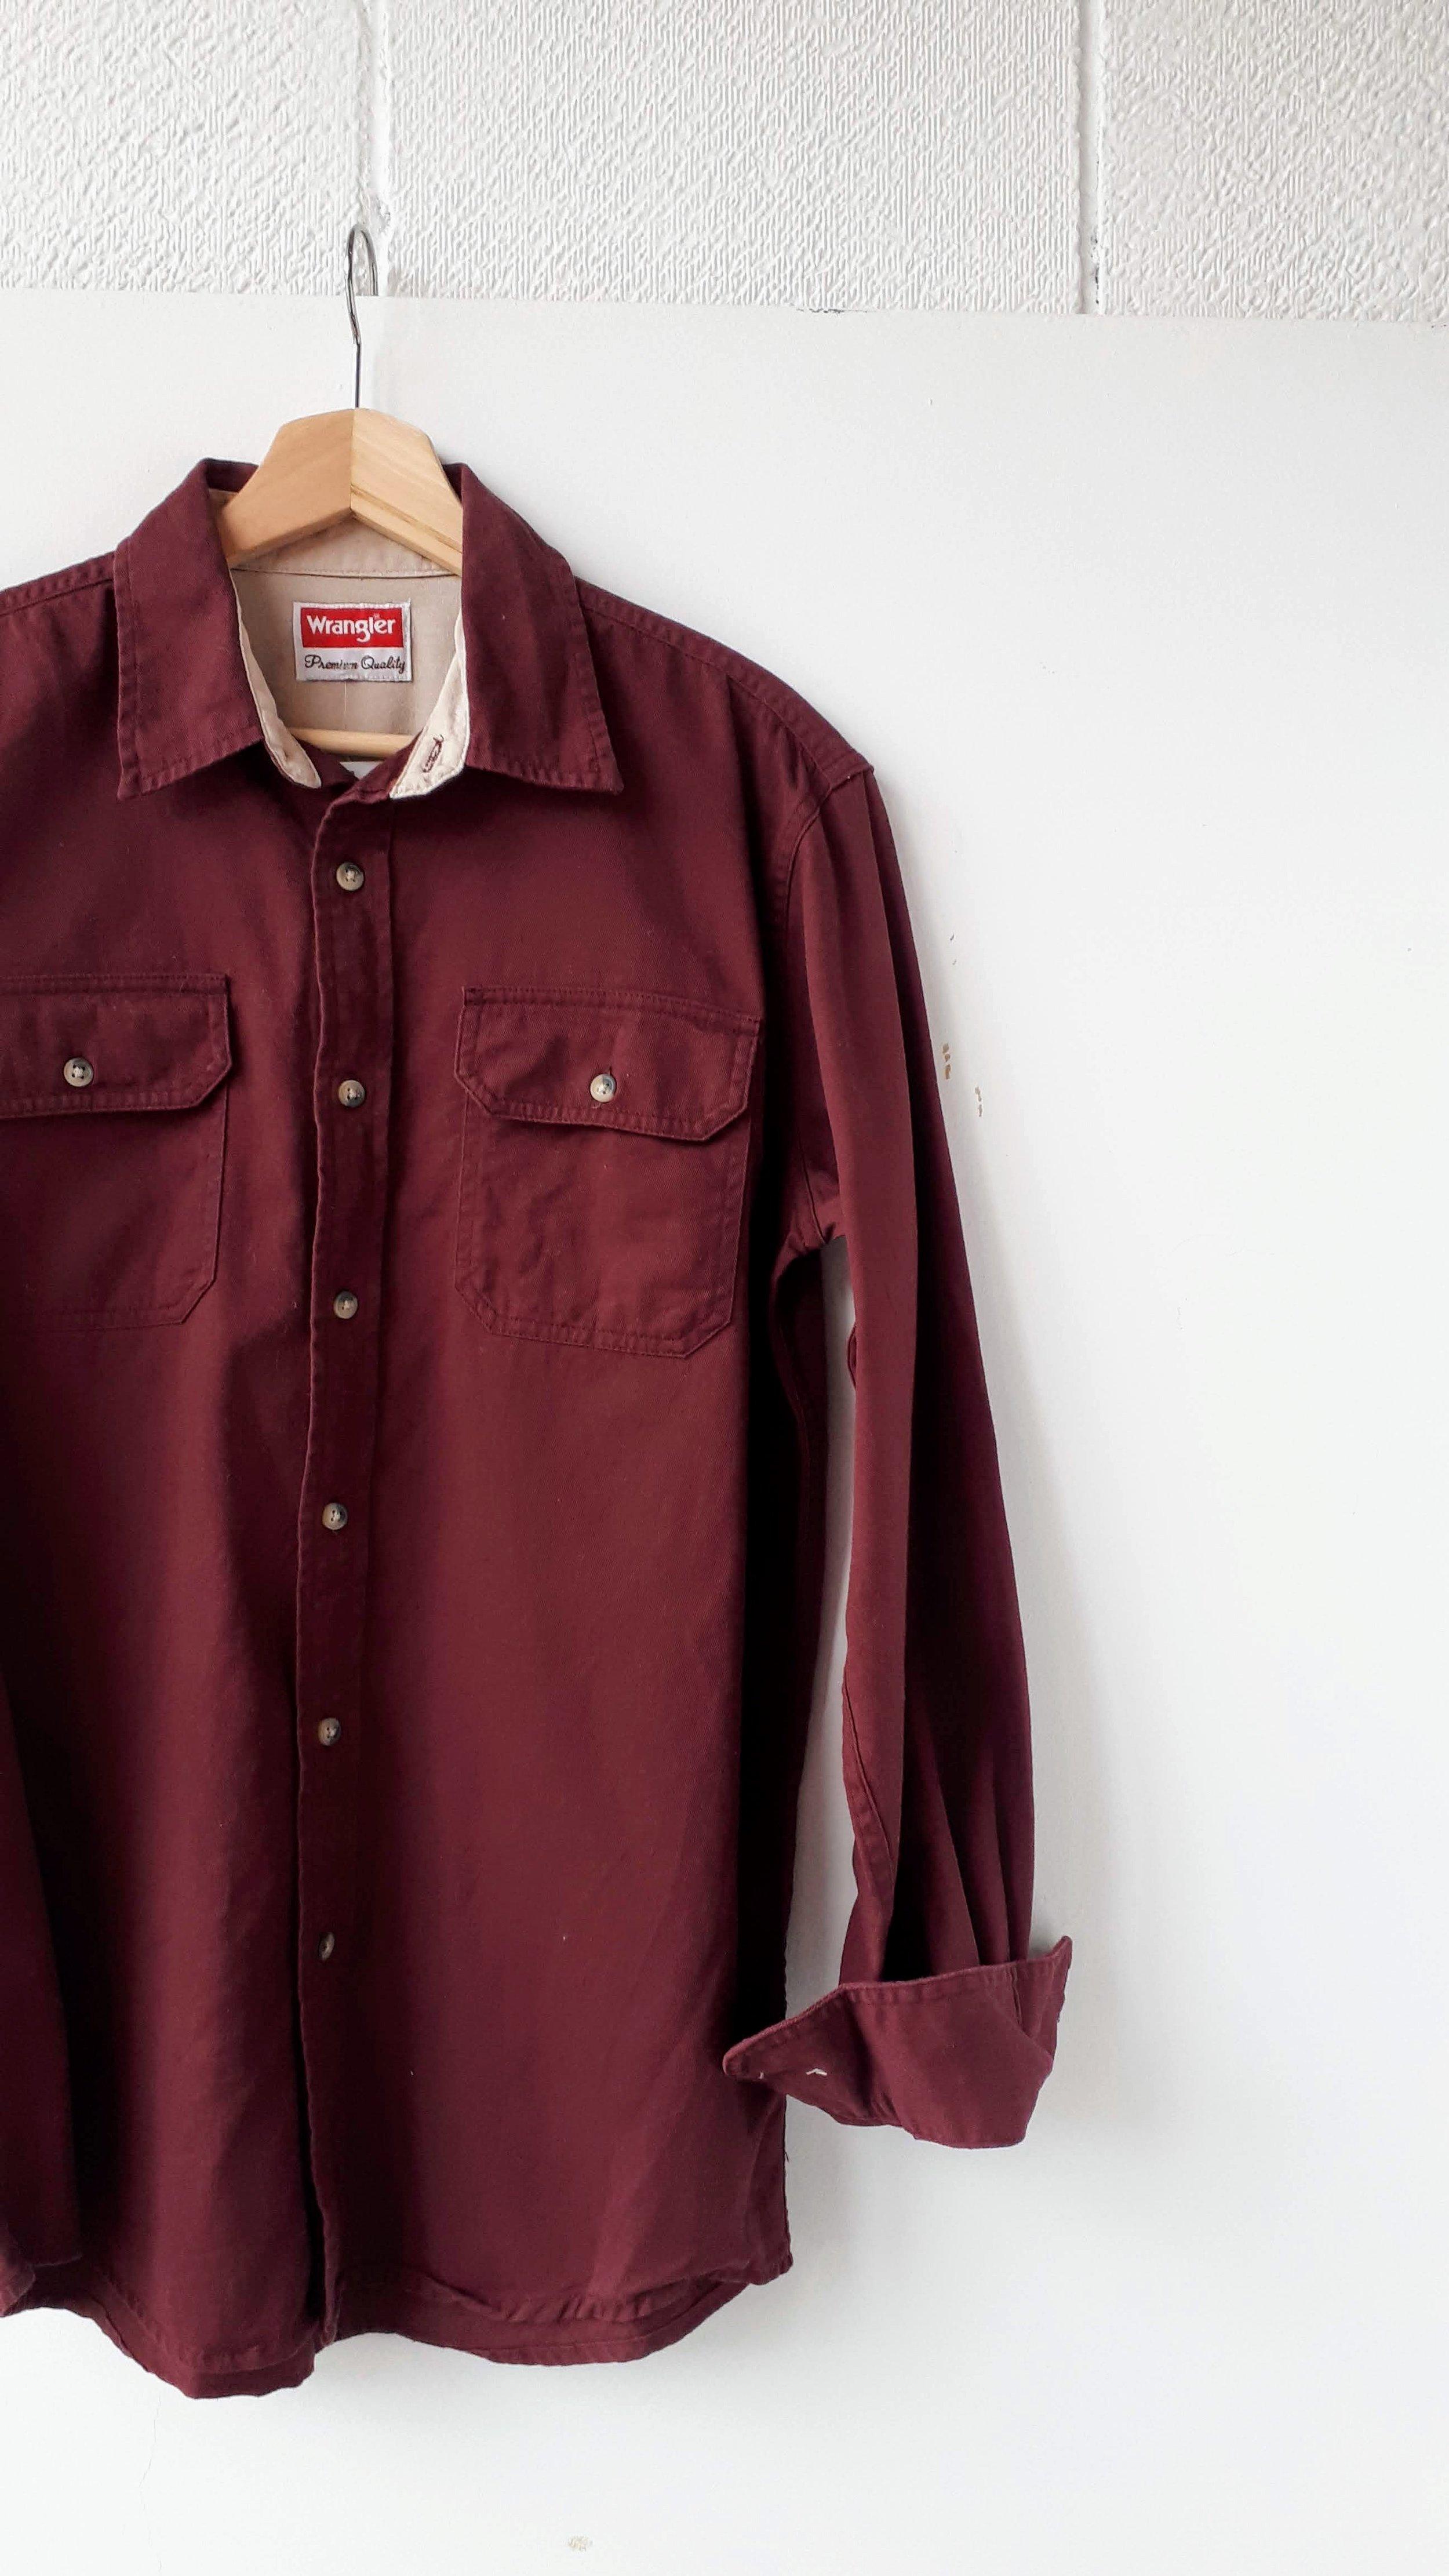 Wrangler shirt; Men's size M, $18